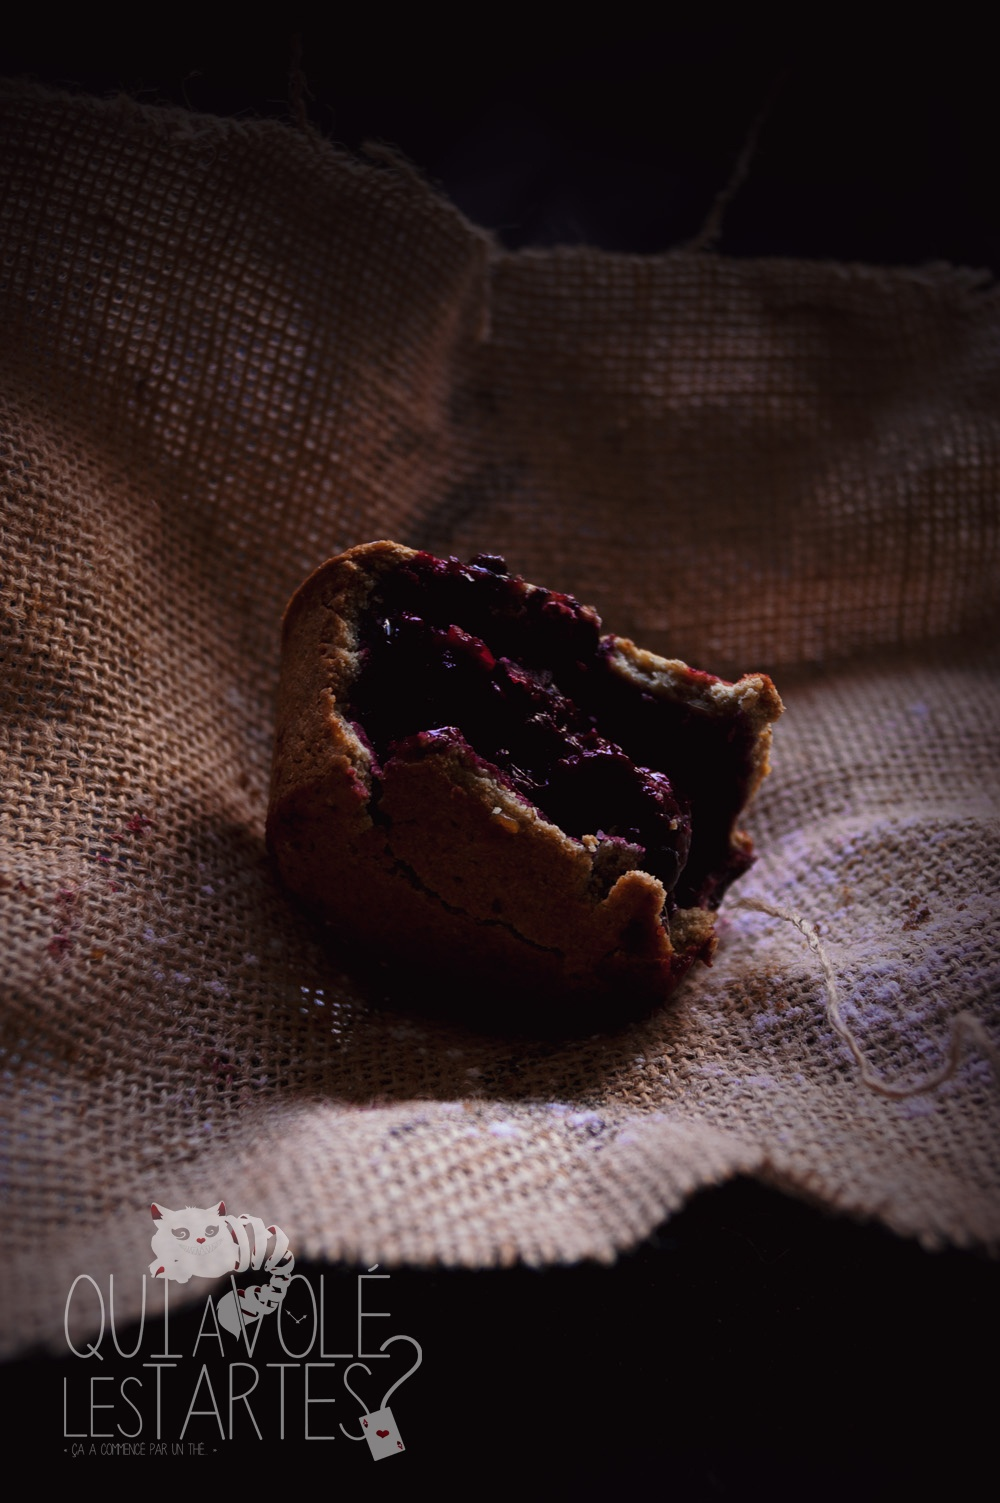 Tourtes à l'ancienne sans gluten 1 - Studio de création - Qui a volé les tartes- Copyright